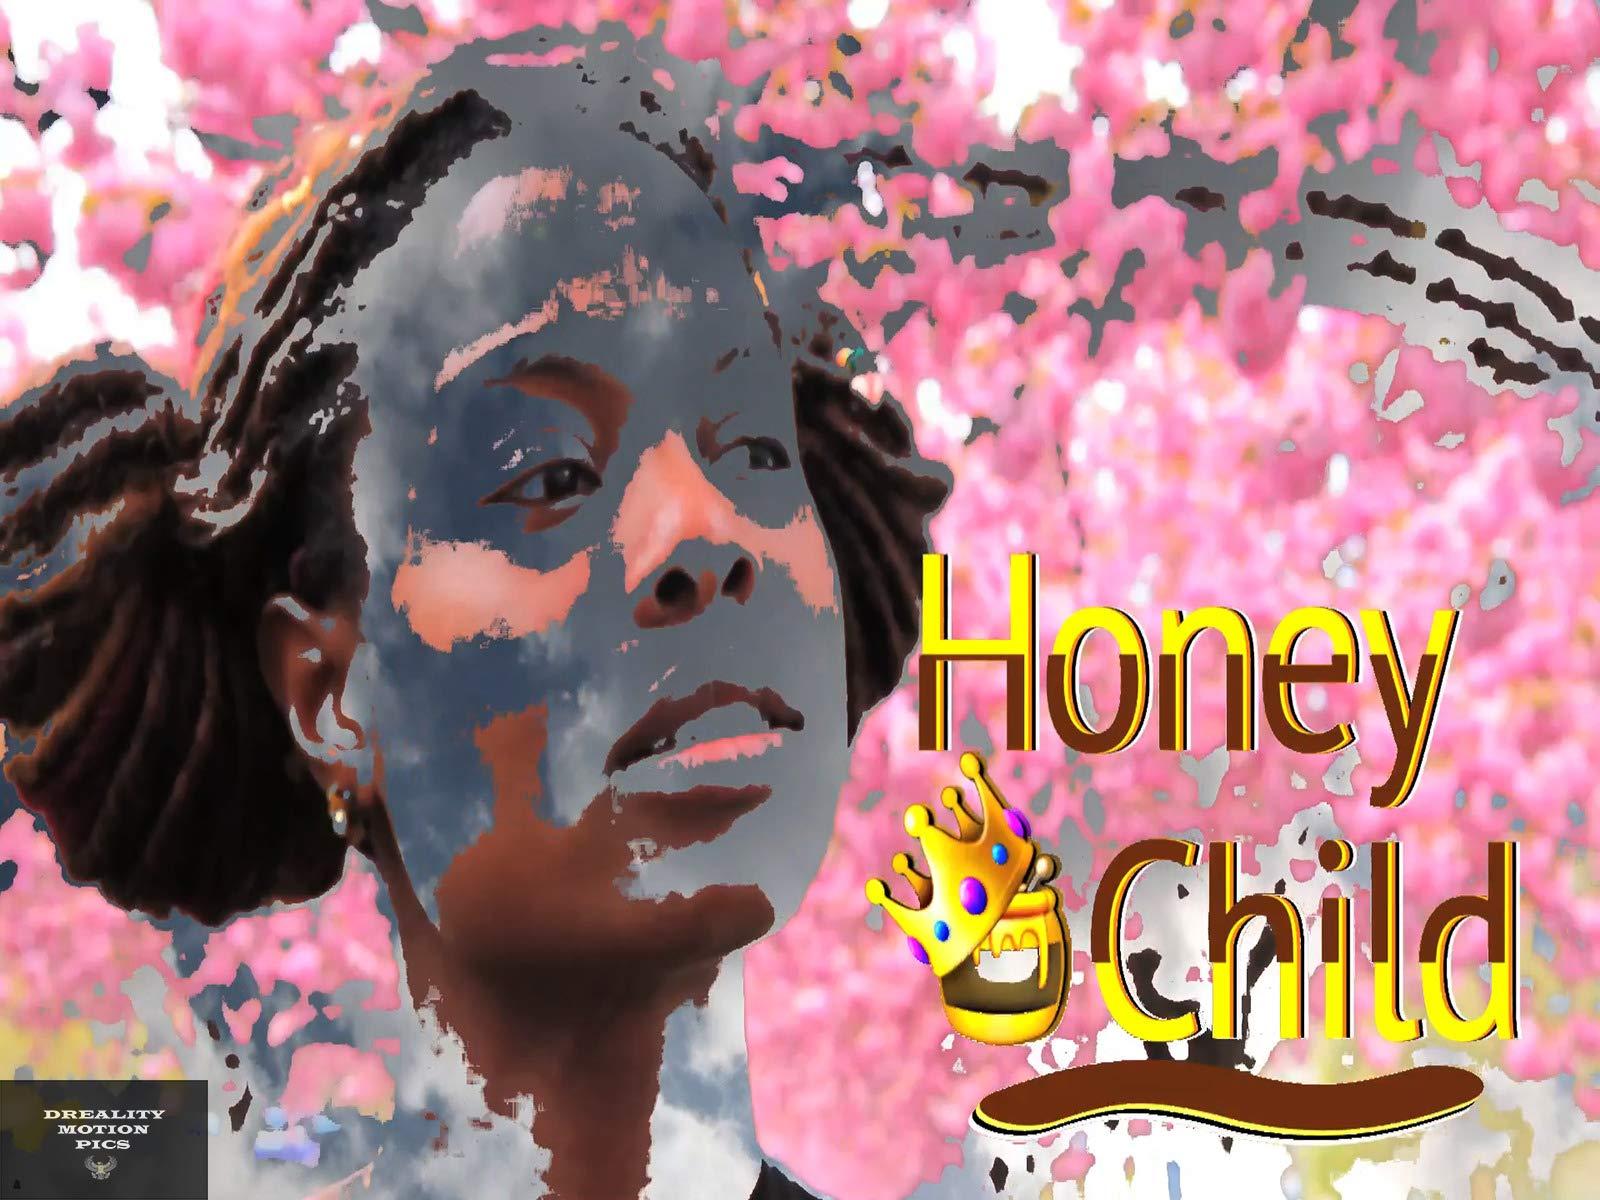 Honey Child